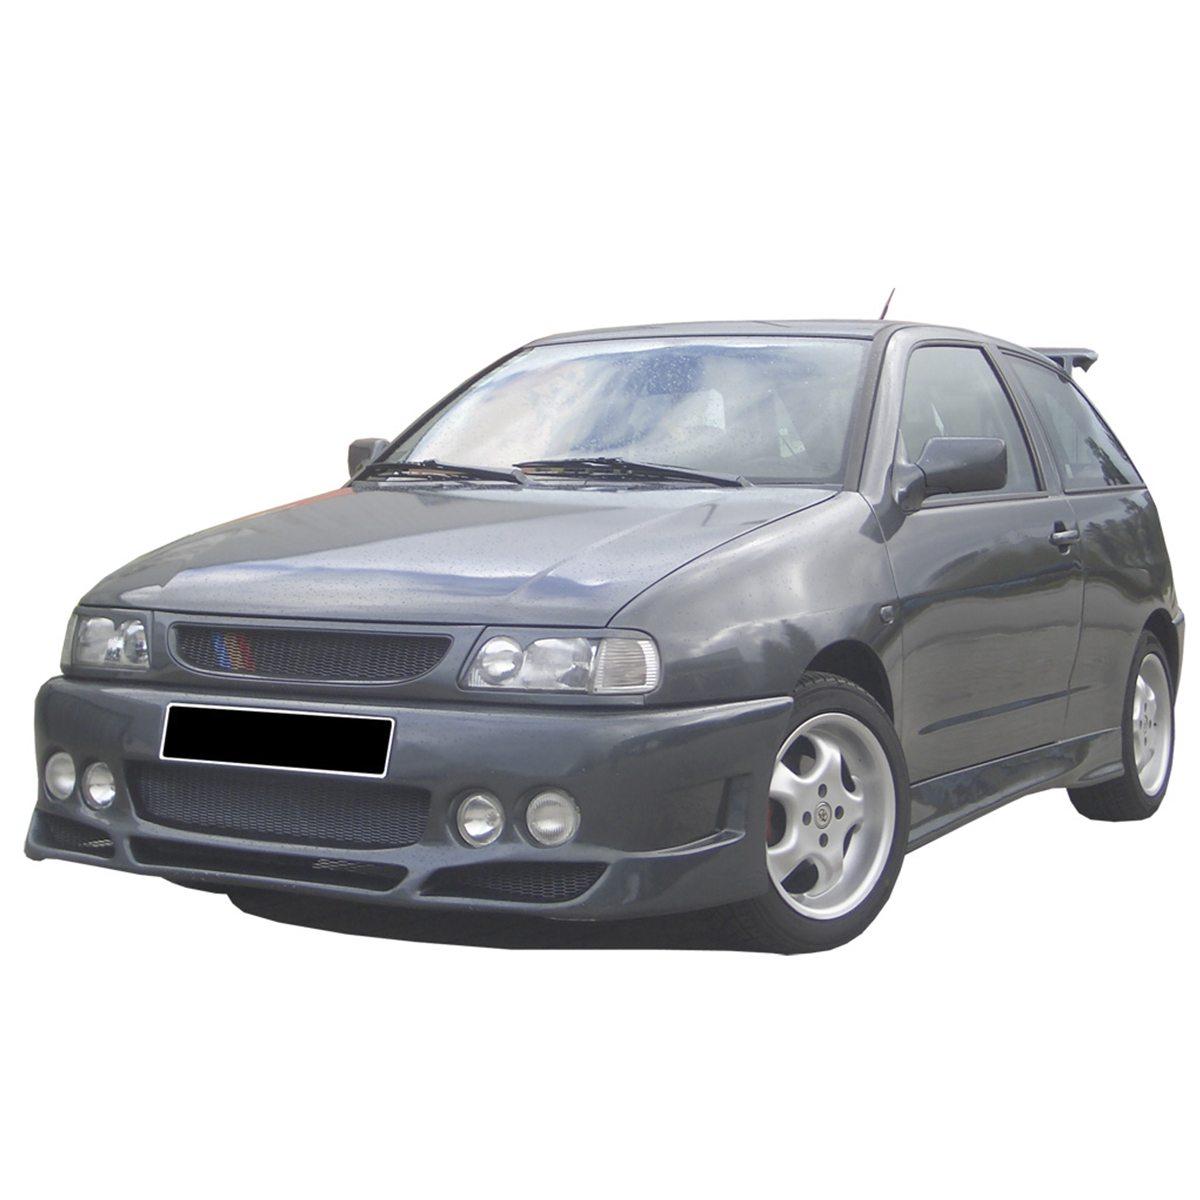 Seat-Ibiza-93-Open-Frt-PCU0980